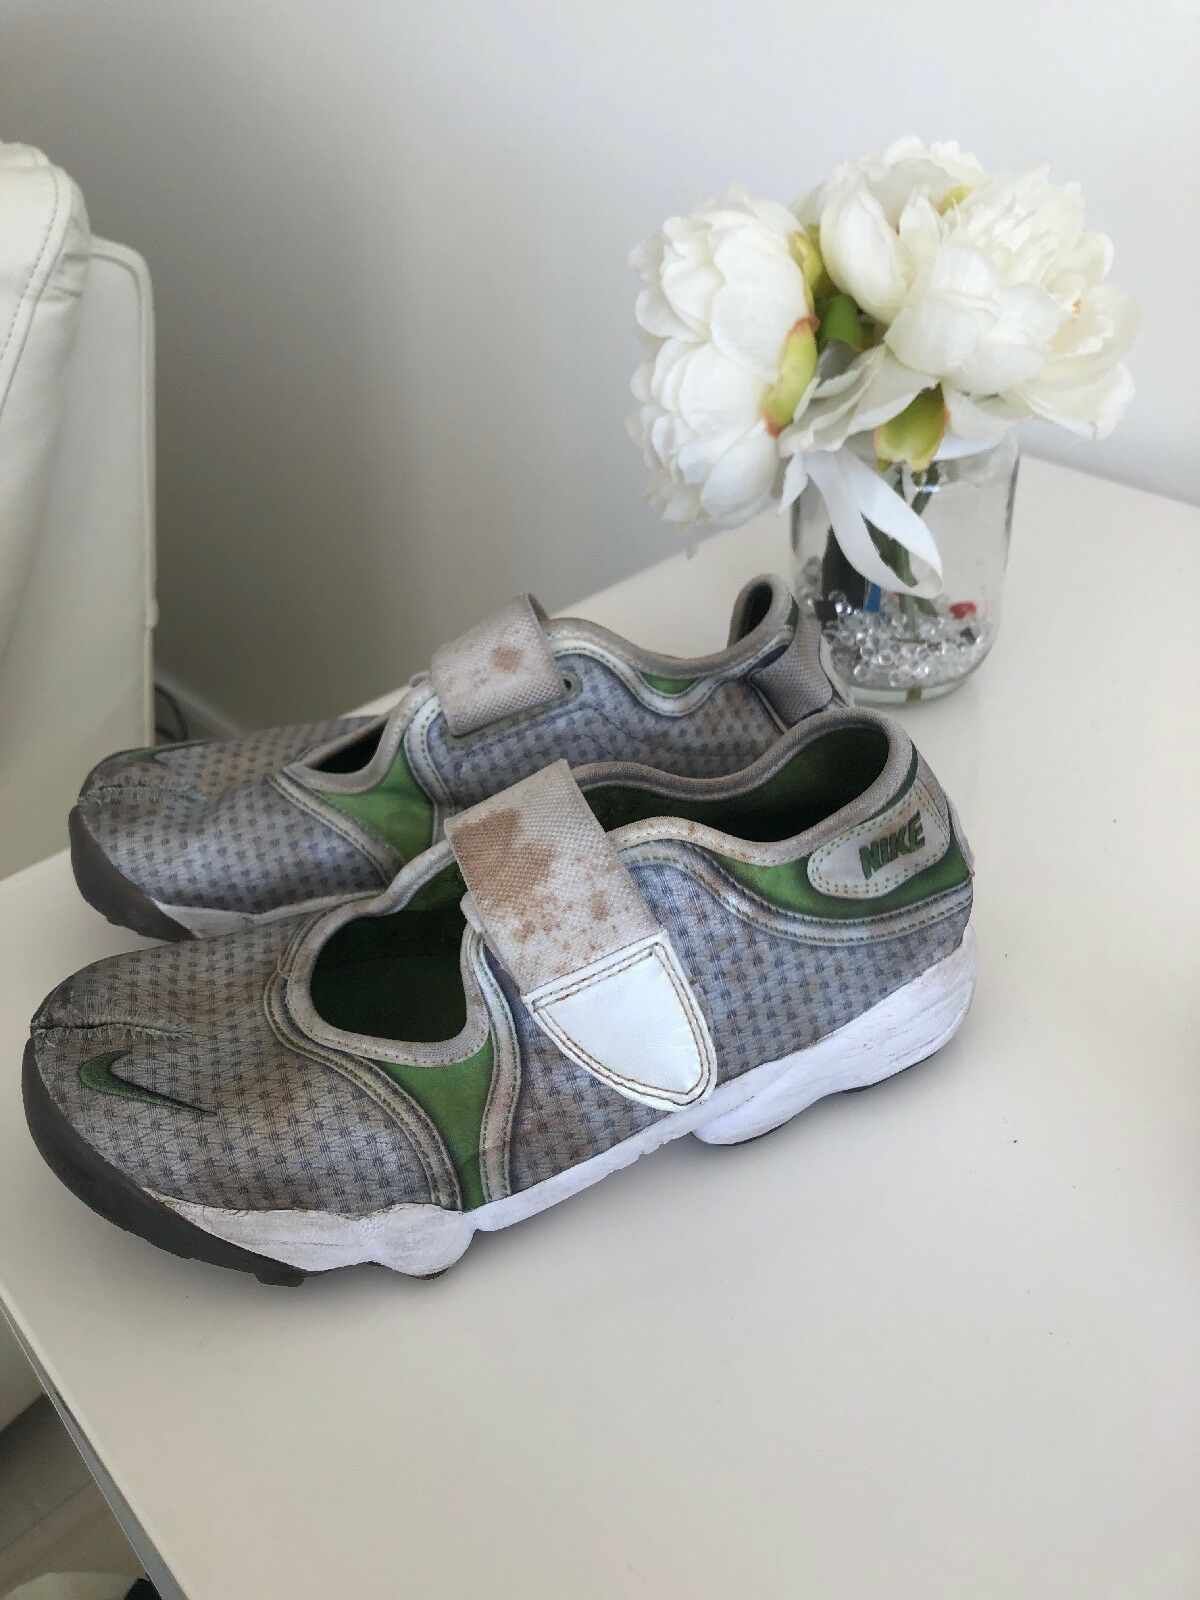 le dimensioni delle scarpe nike air air air – 5,5 | Outlet Online  | Conveniente  | Lascia che i nostri prodotti vadano nel mondo  | Scolaro/Signora Scarpa  | Maschio/Ragazze Scarpa  | Uomini/Donne Scarpa  2704c6